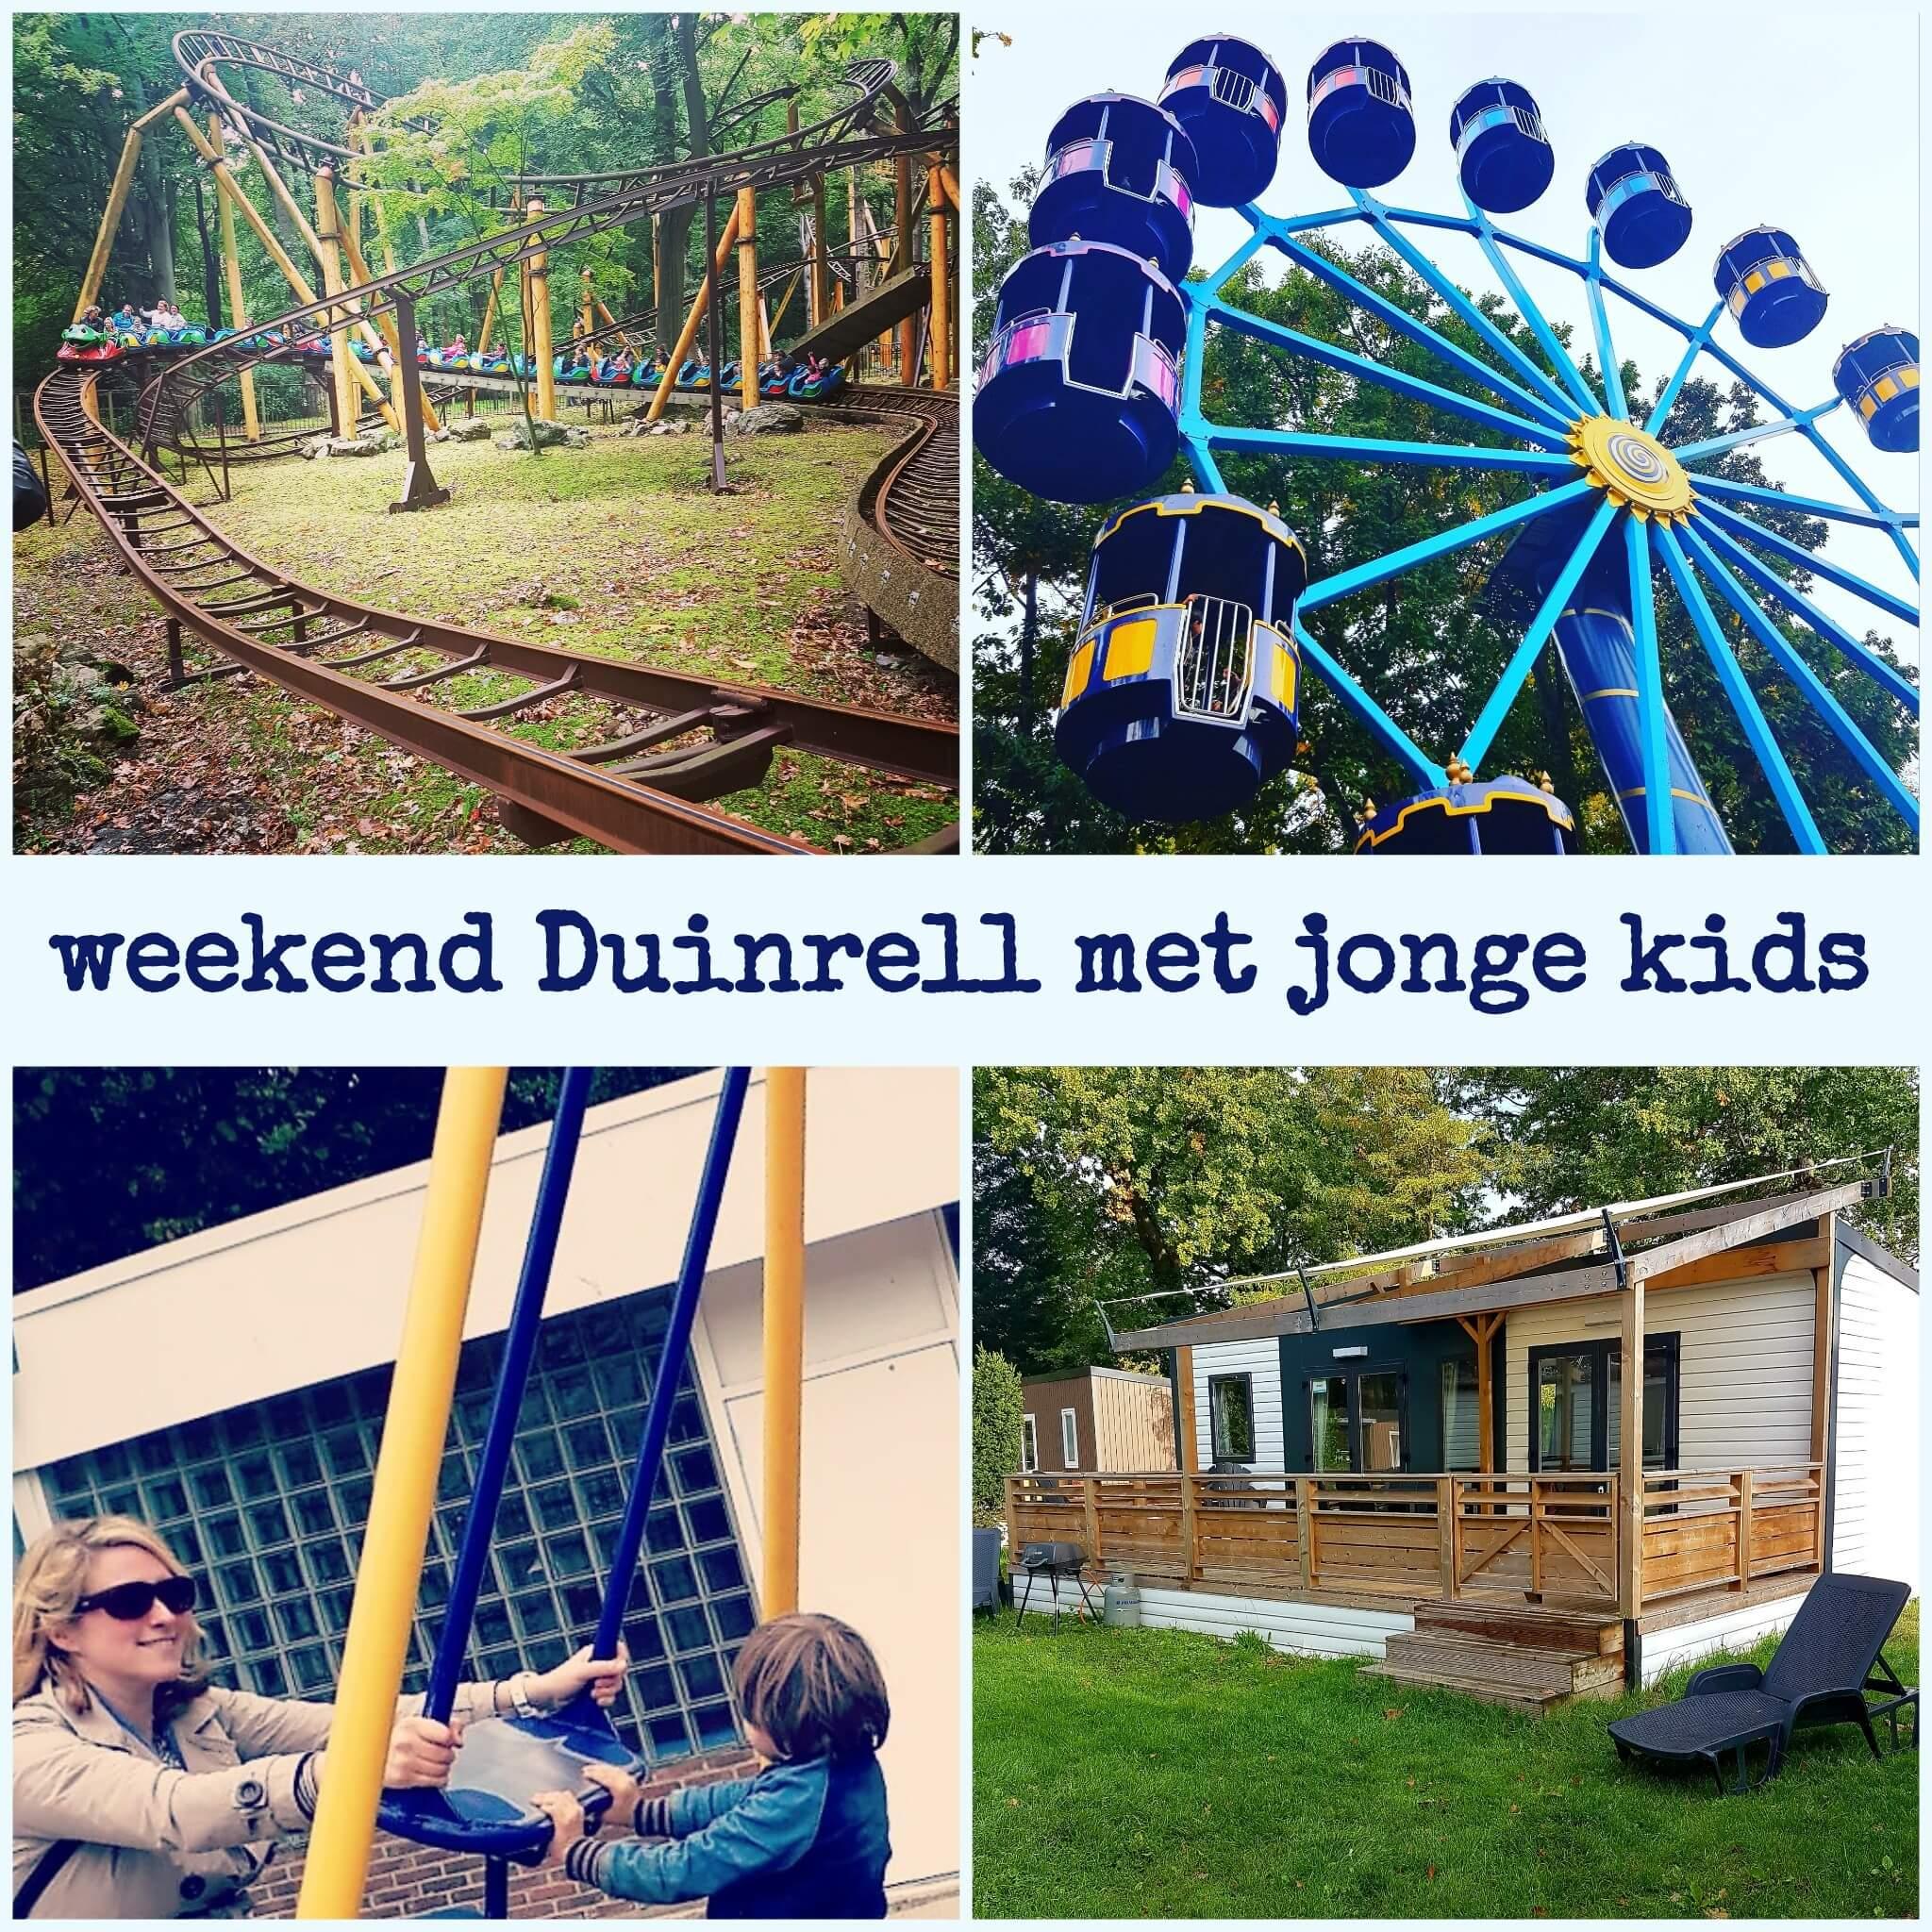 Weekendje Duinrell met kleine kinderen: de leukste dingen om te doen met peuters, kleuters en jonge schoolkinderen